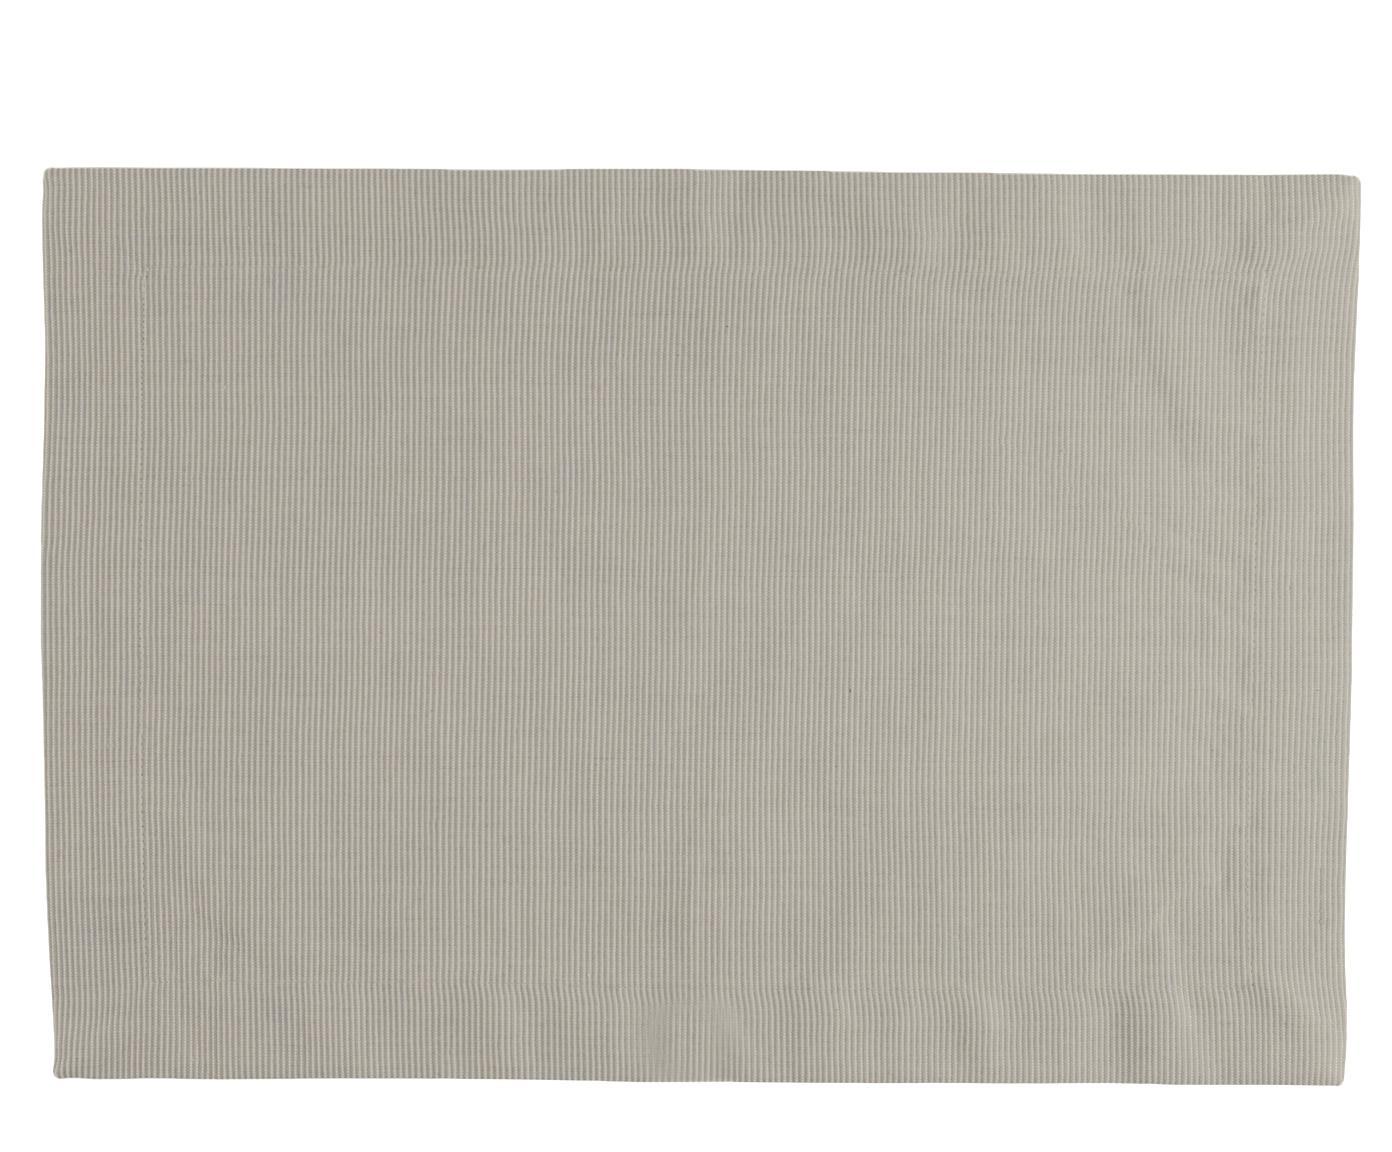 Tischsets Bombay, 6 Stück, Baumwolle, Graugrün, 35 x 50 cm